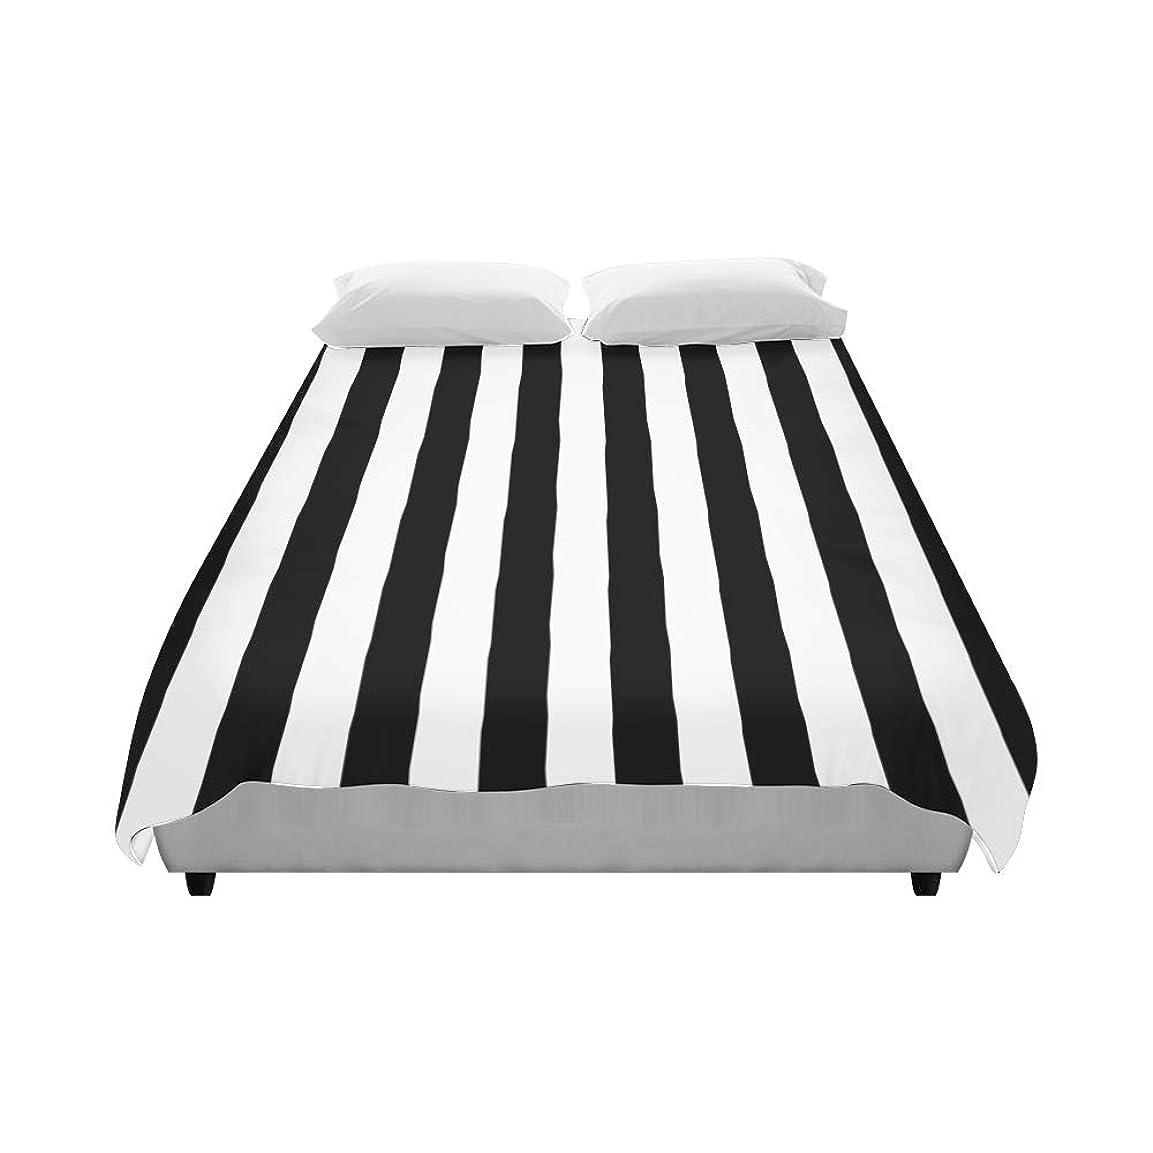 興奮するテセウスその他JLDG 掛け布団カバー 黒と白の幾何学的なストライプ 寝具カバー 抗菌 高級 ベッド用 防ダニ 四節適用 ソフト 柔らかい 暖かい 優れた通気性 おしゃれ 寝室 ダブル 子供 218*175cm